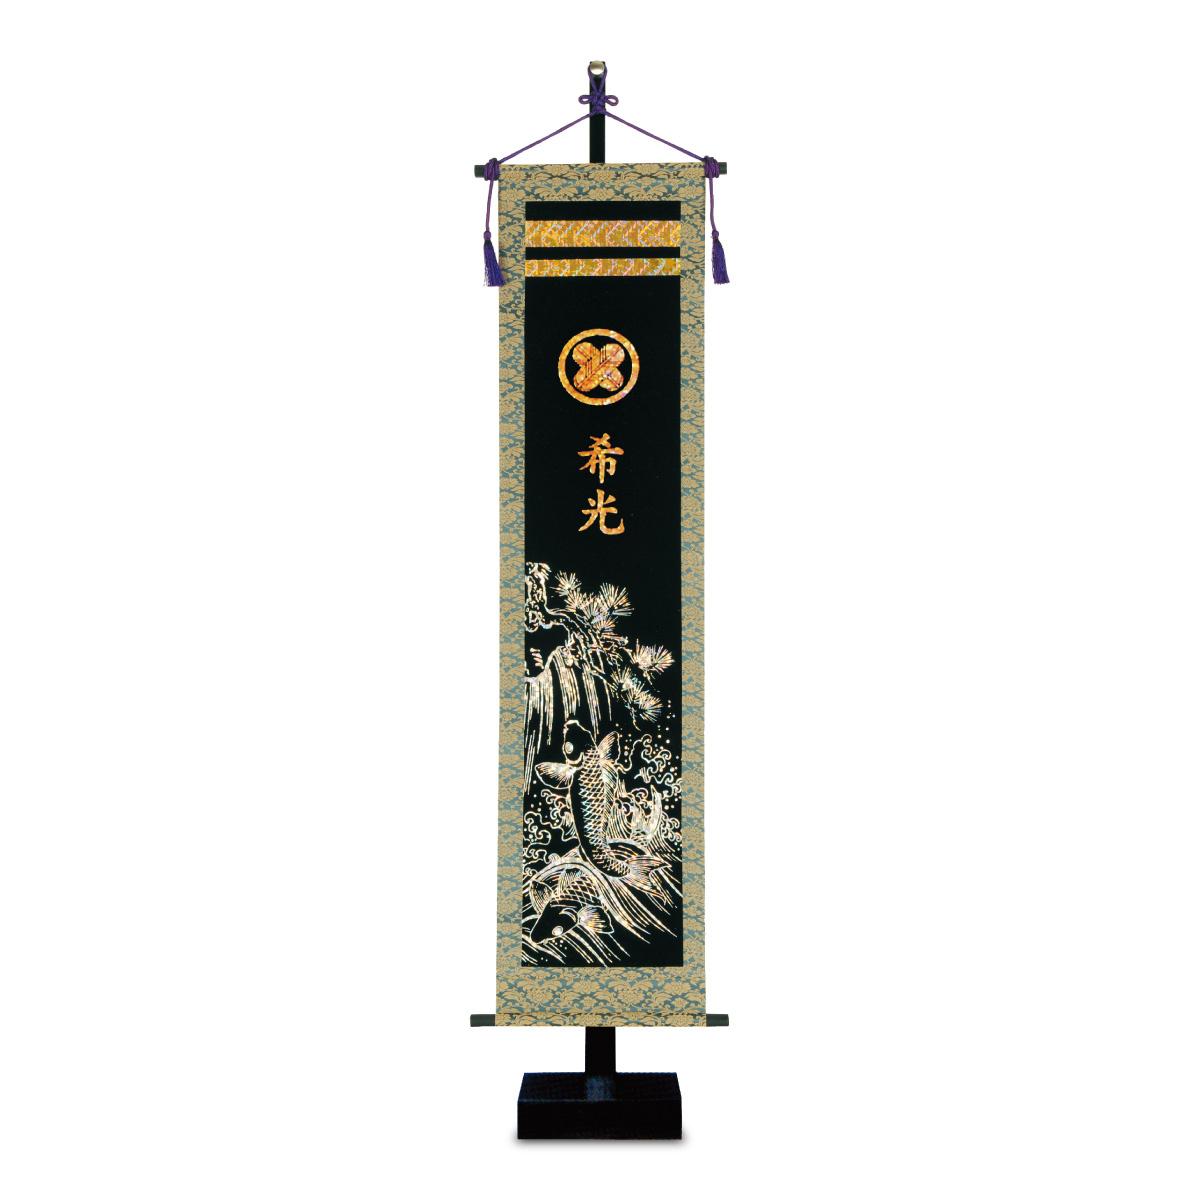 五月人形 【鯉のぼり】【こいのぼり】 名前旗 「ホログラム旗【鯉の滝登り・特大】」 ●名入れ 掛け軸 鎧兜